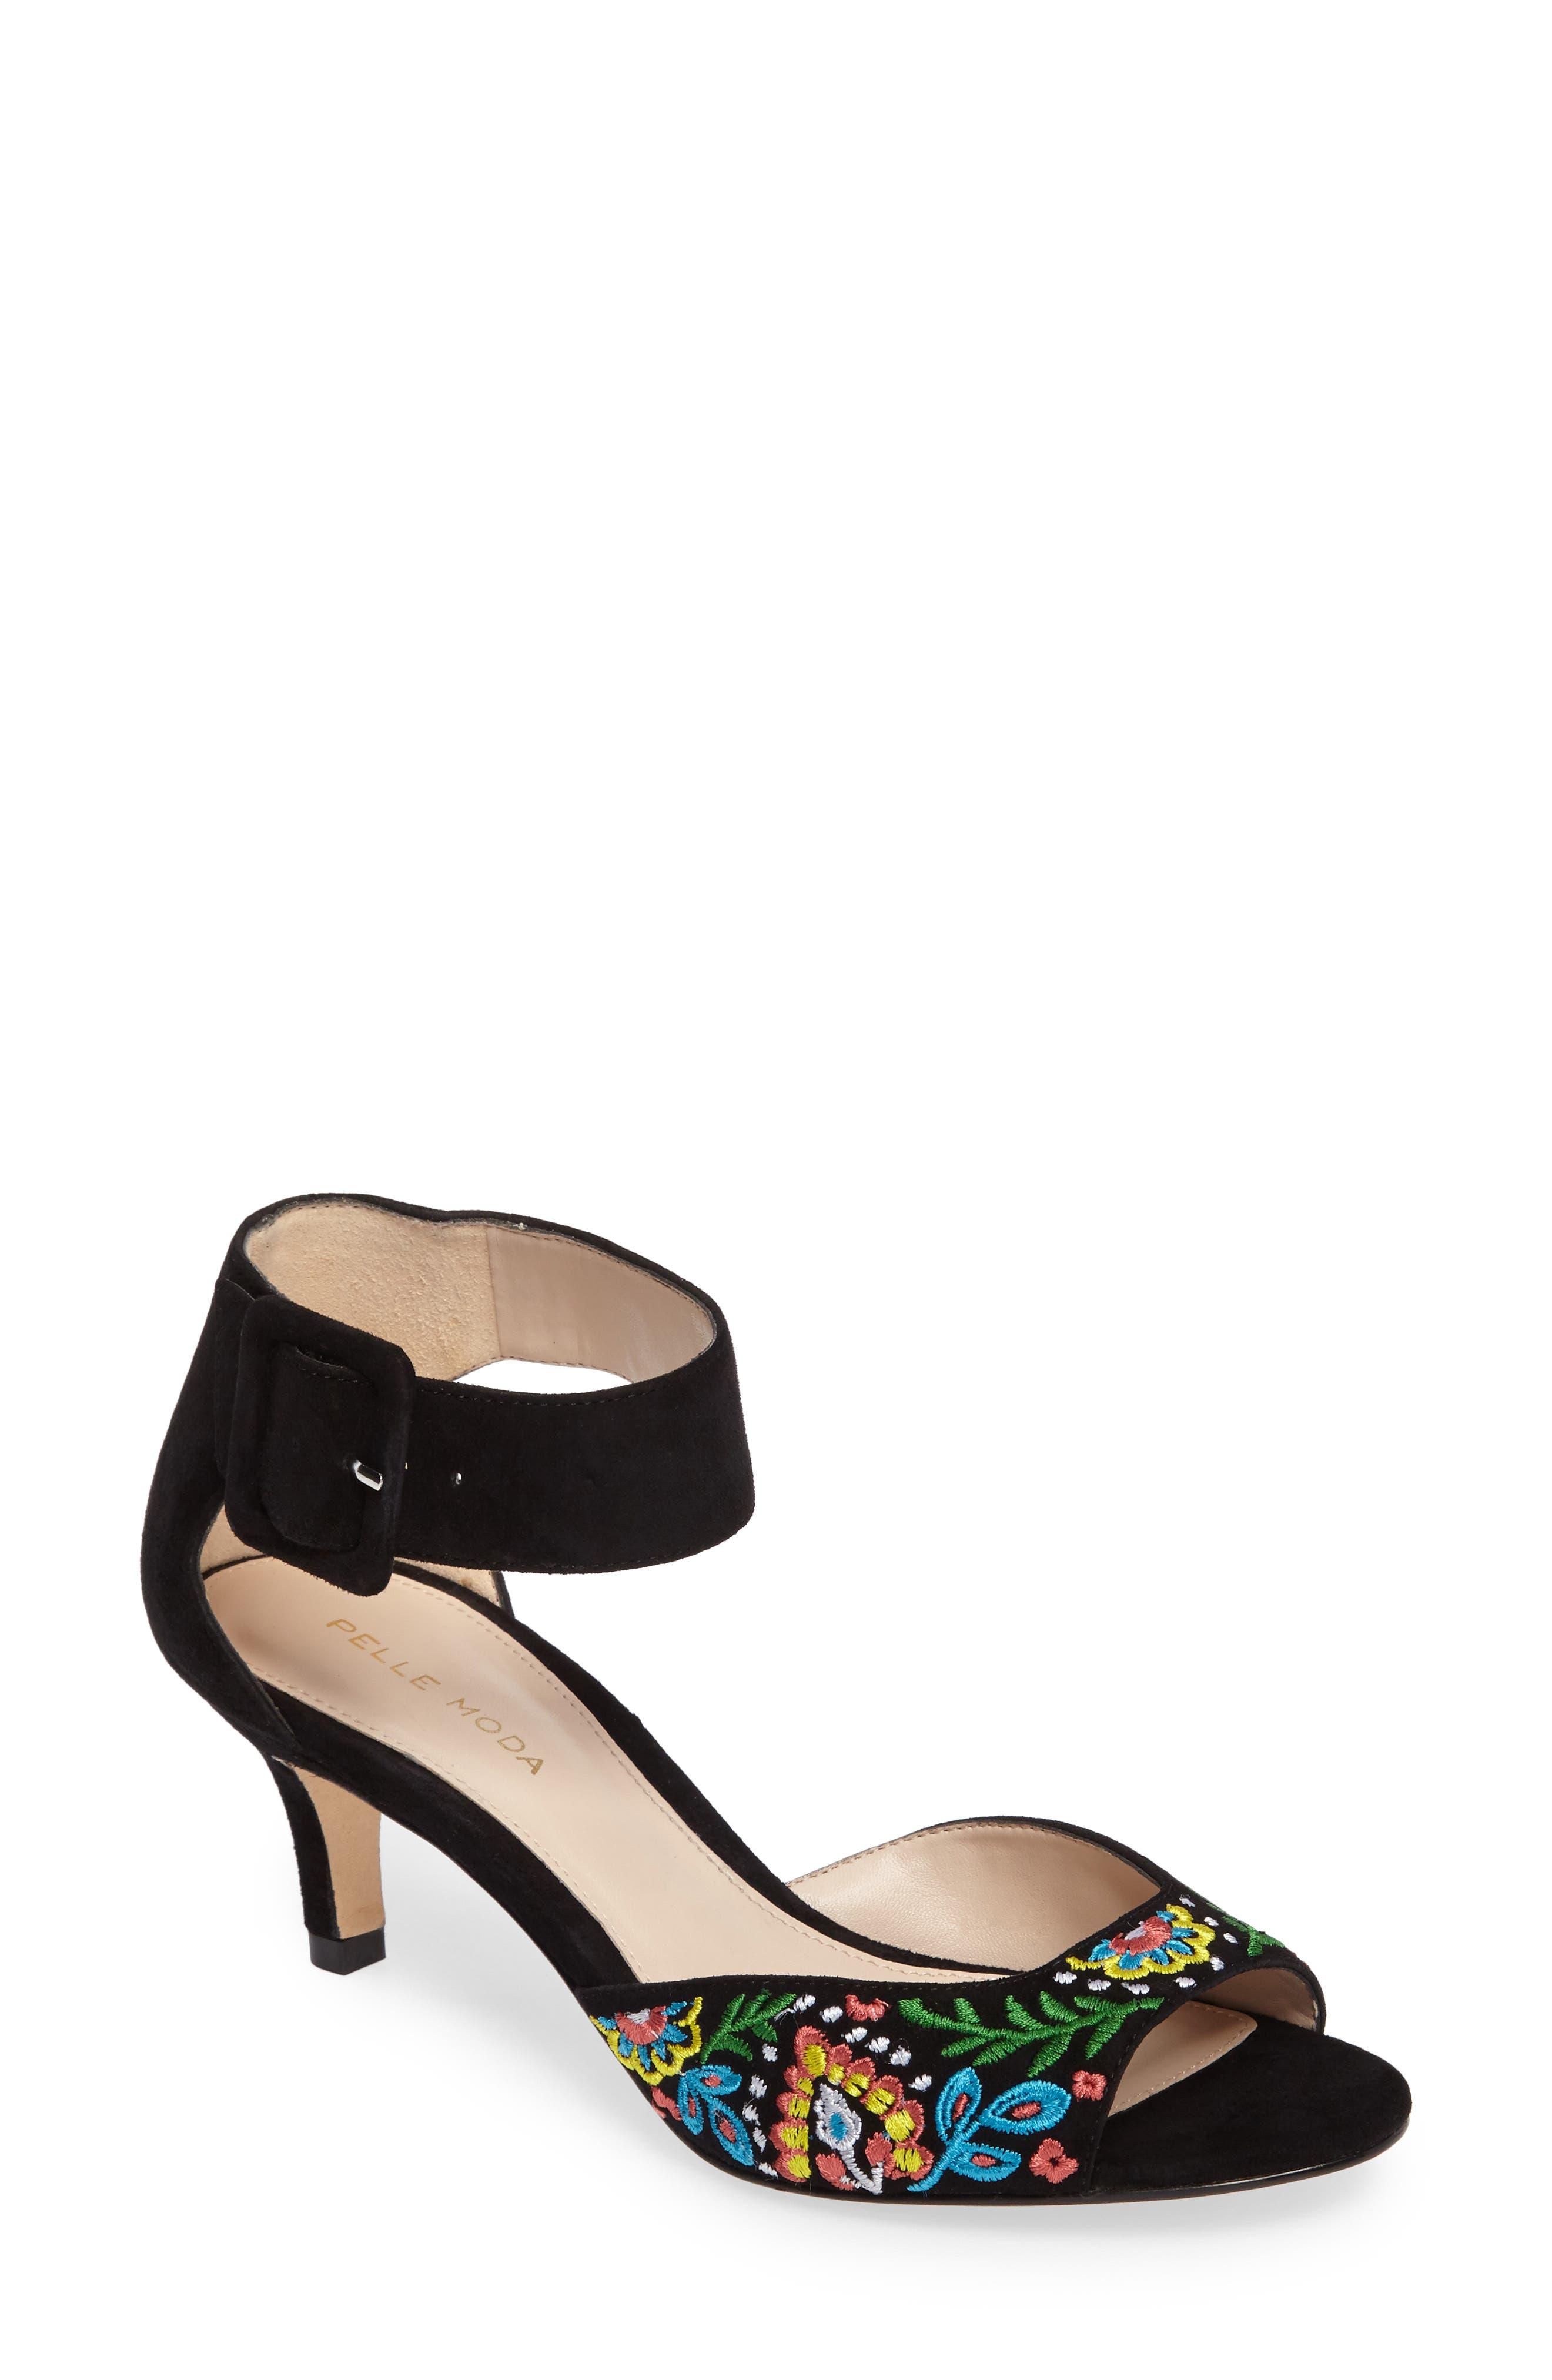 Alternate Image 1 Selected - Pelle Moda 'Berlin' Sandal